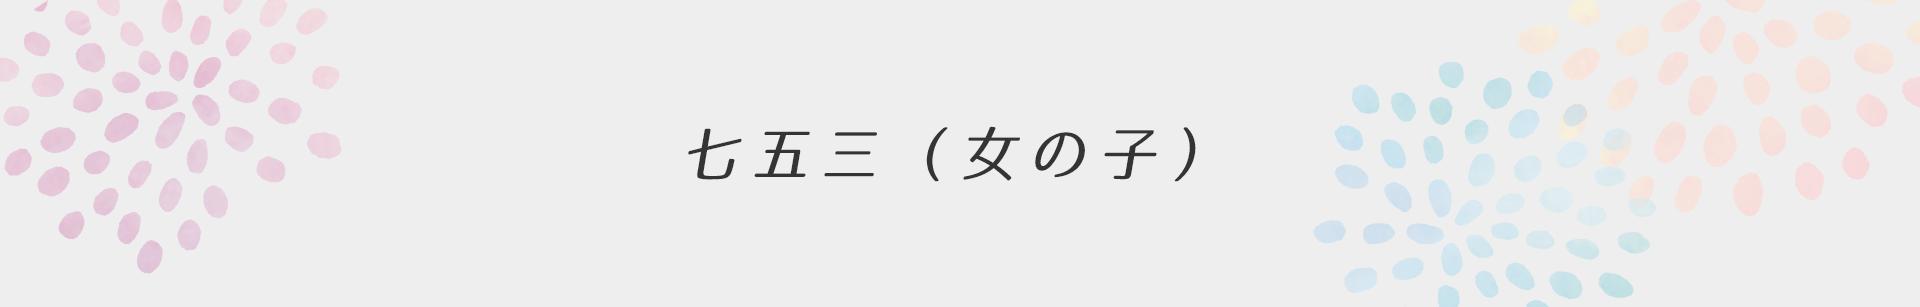 七五三(女の子)